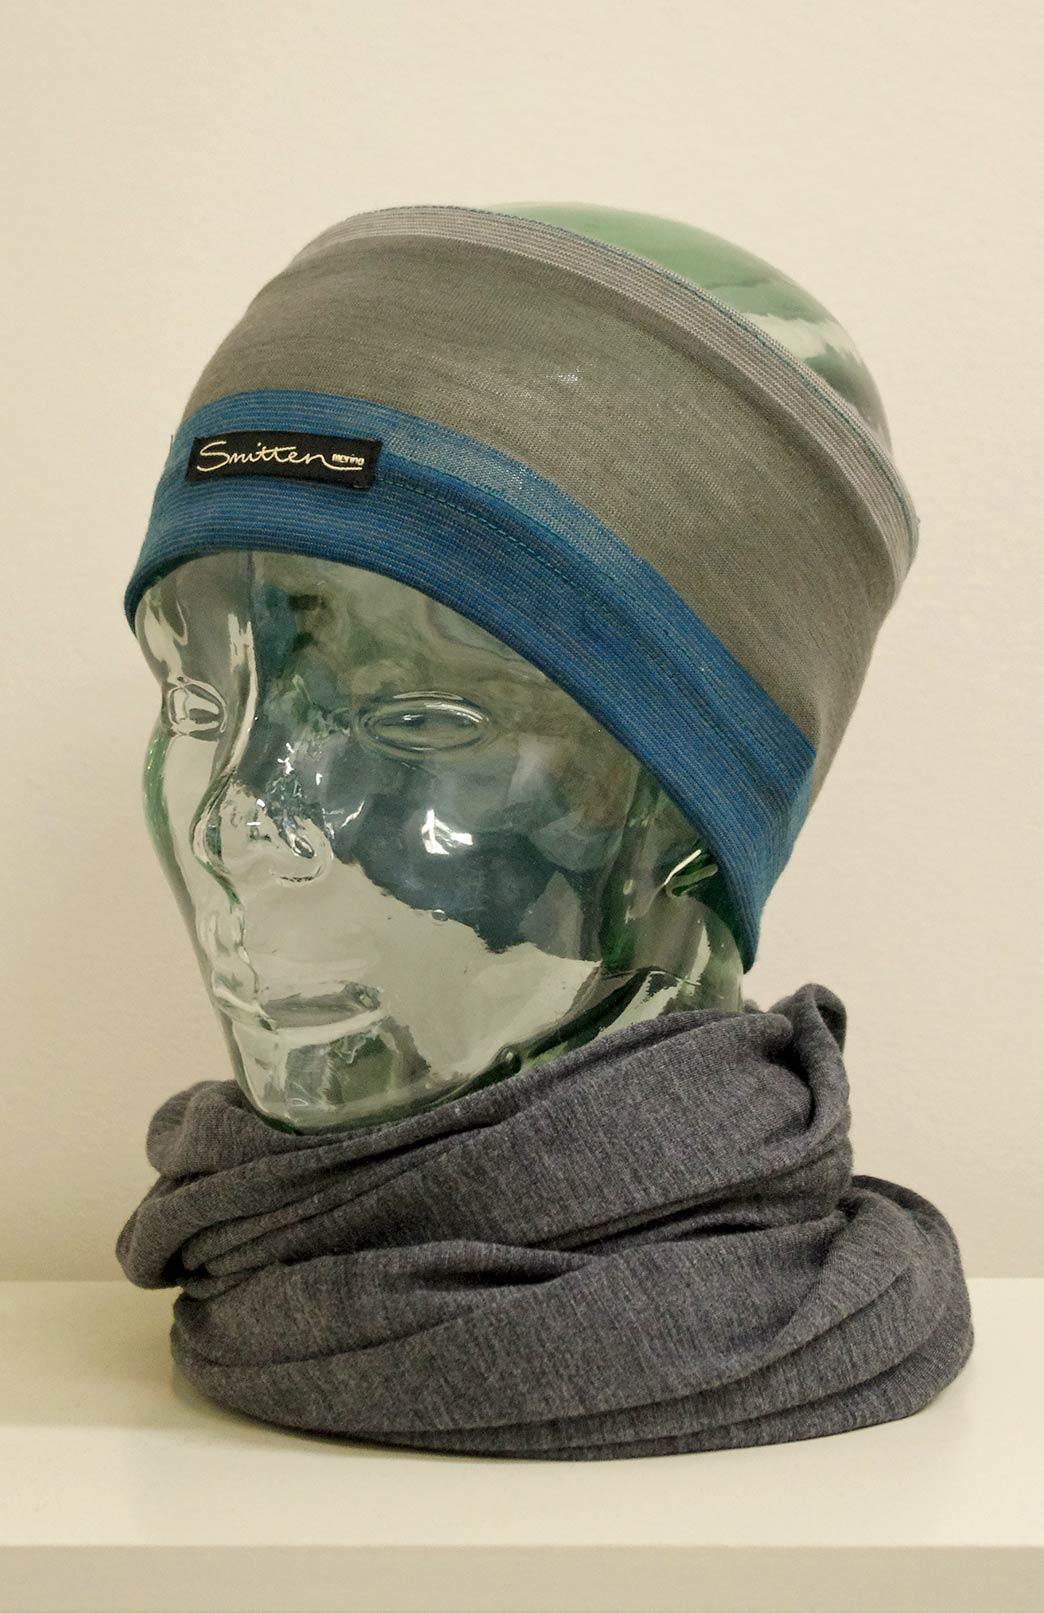 Headband / Ear Warmer - Unisex Teal Multi Stripe Merino Wool Headband and Ear Warmer - Smitten Merino Tasmania Australia